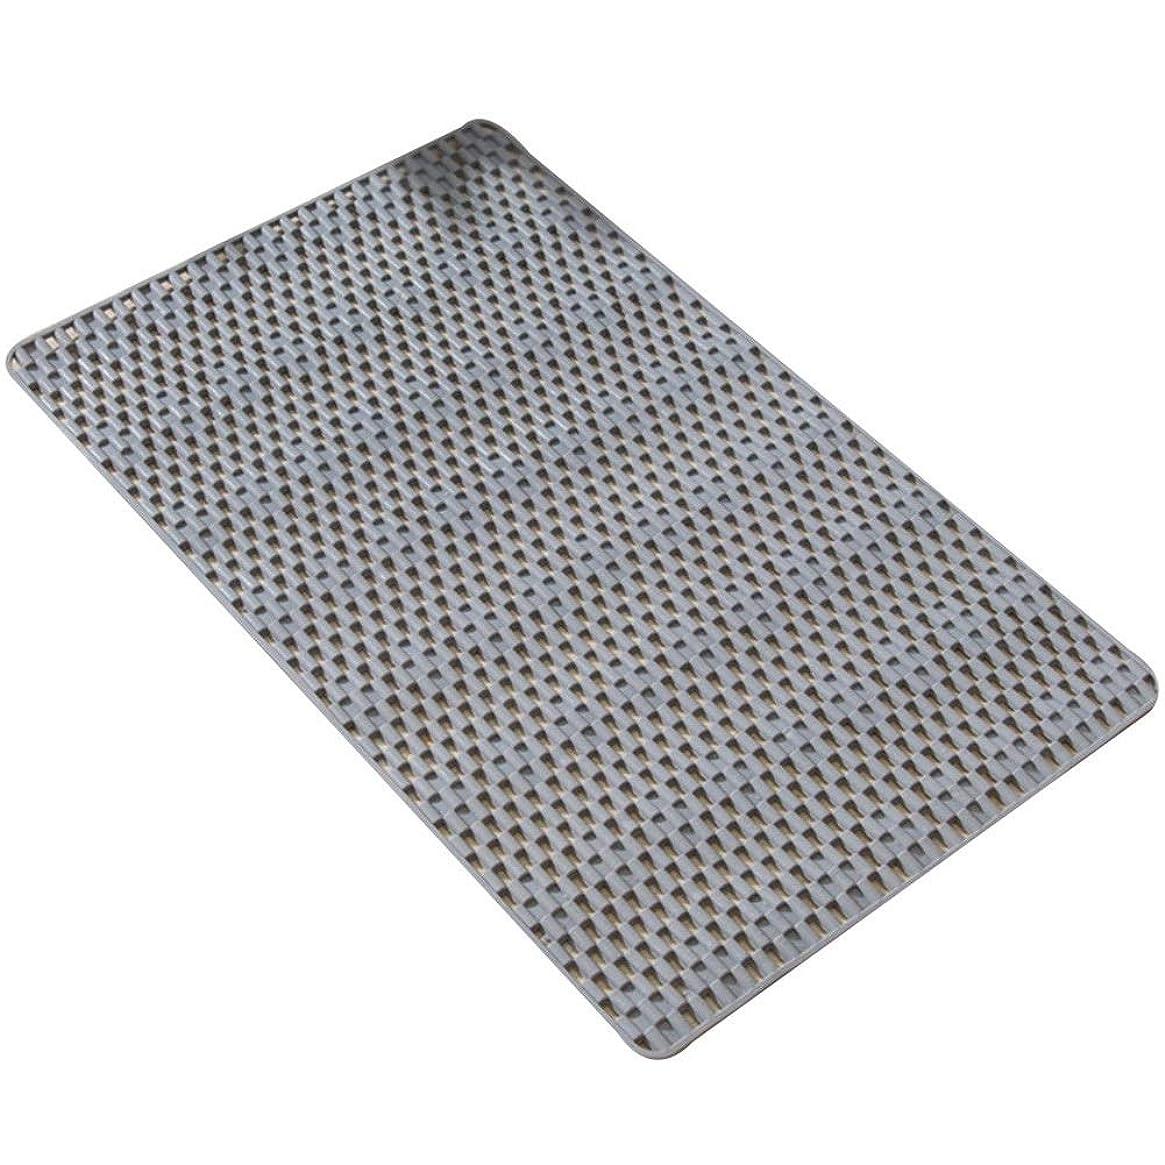 振る舞い男らしさはしごGYYARSX 浴室足ふきマット風呂ホーム多機能マッサージ顆粒吸盤肌にやさしいPVC、4色、3サイズ (Color : Gray, Size : 78X46CM)